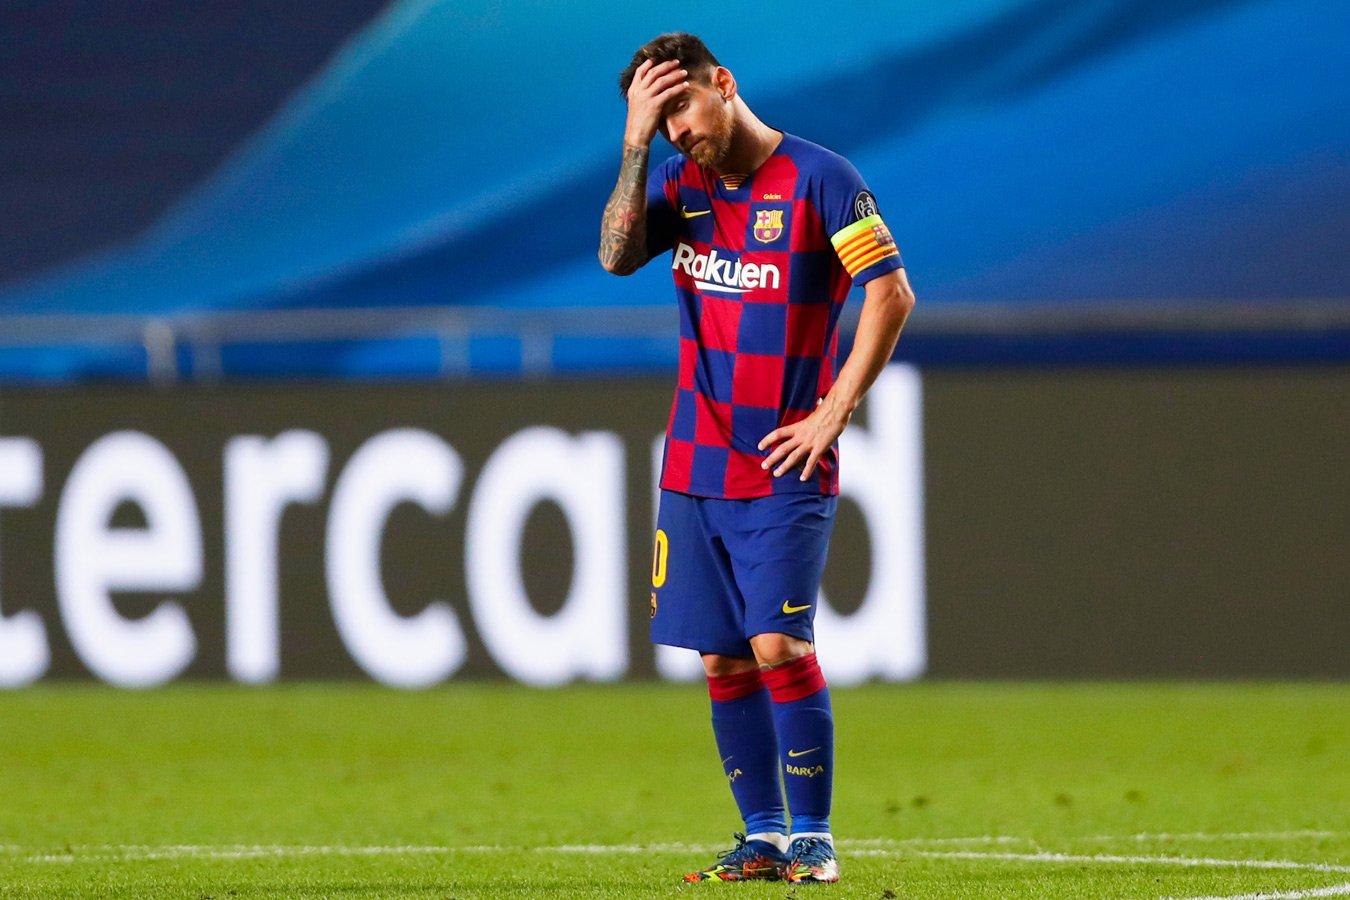 Президент УЕФА предложит исключить «Реал», «Барселону» и «Ювентус» из еврокубков на 2 года